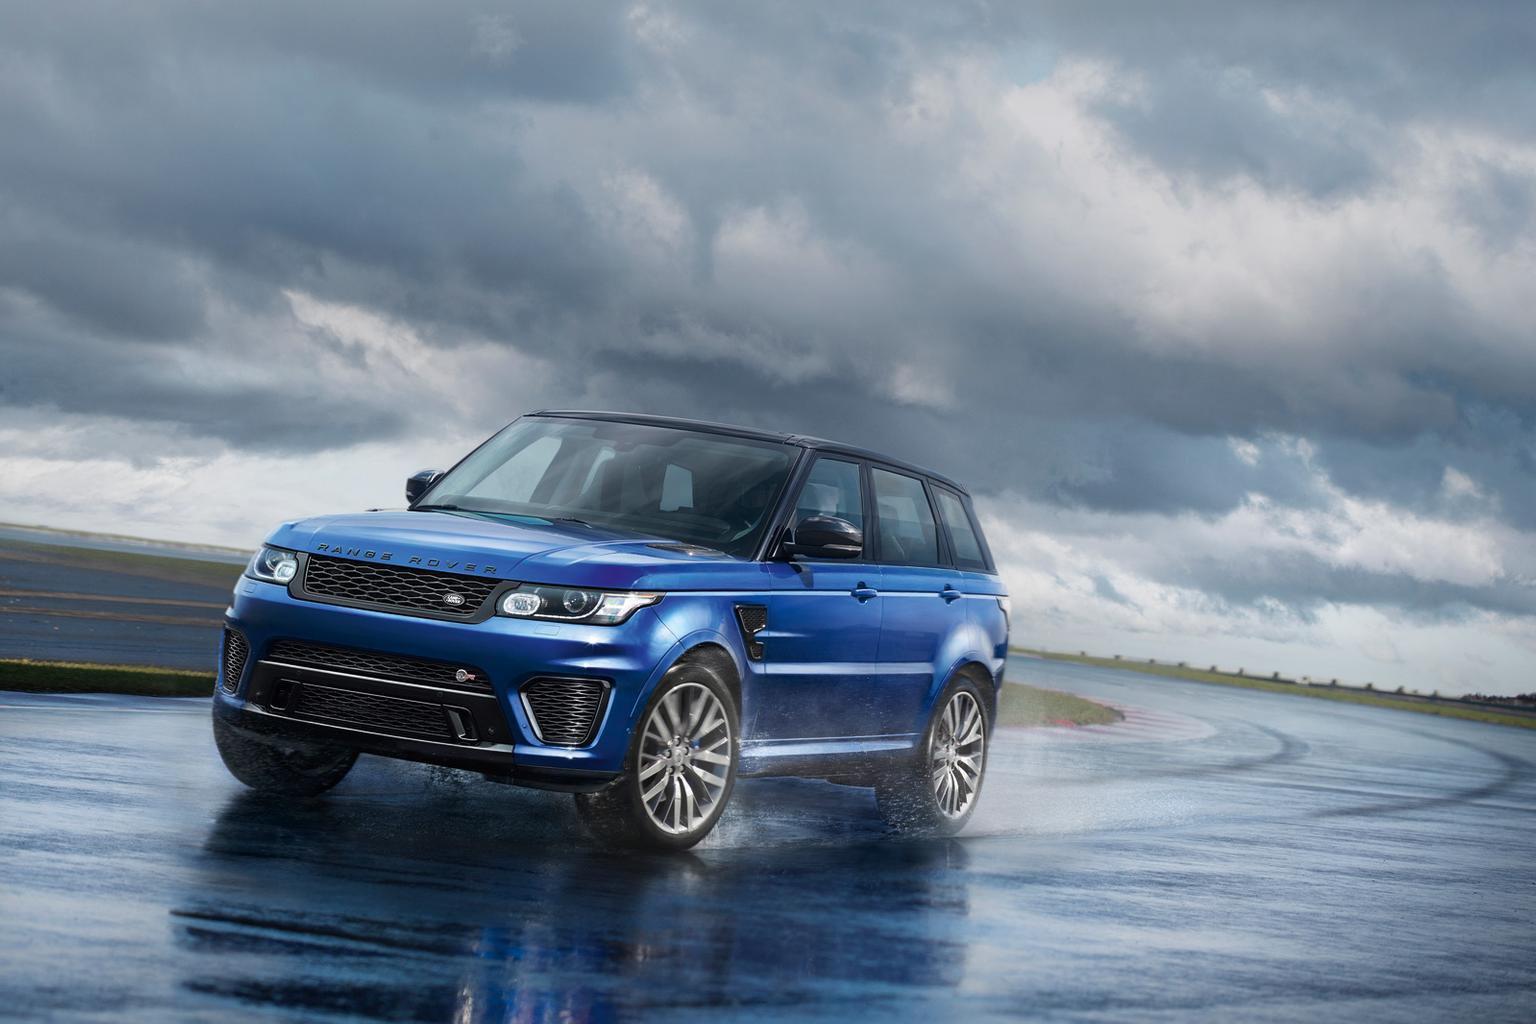 Range Rover Sport SVR: fastest Land Rover yet